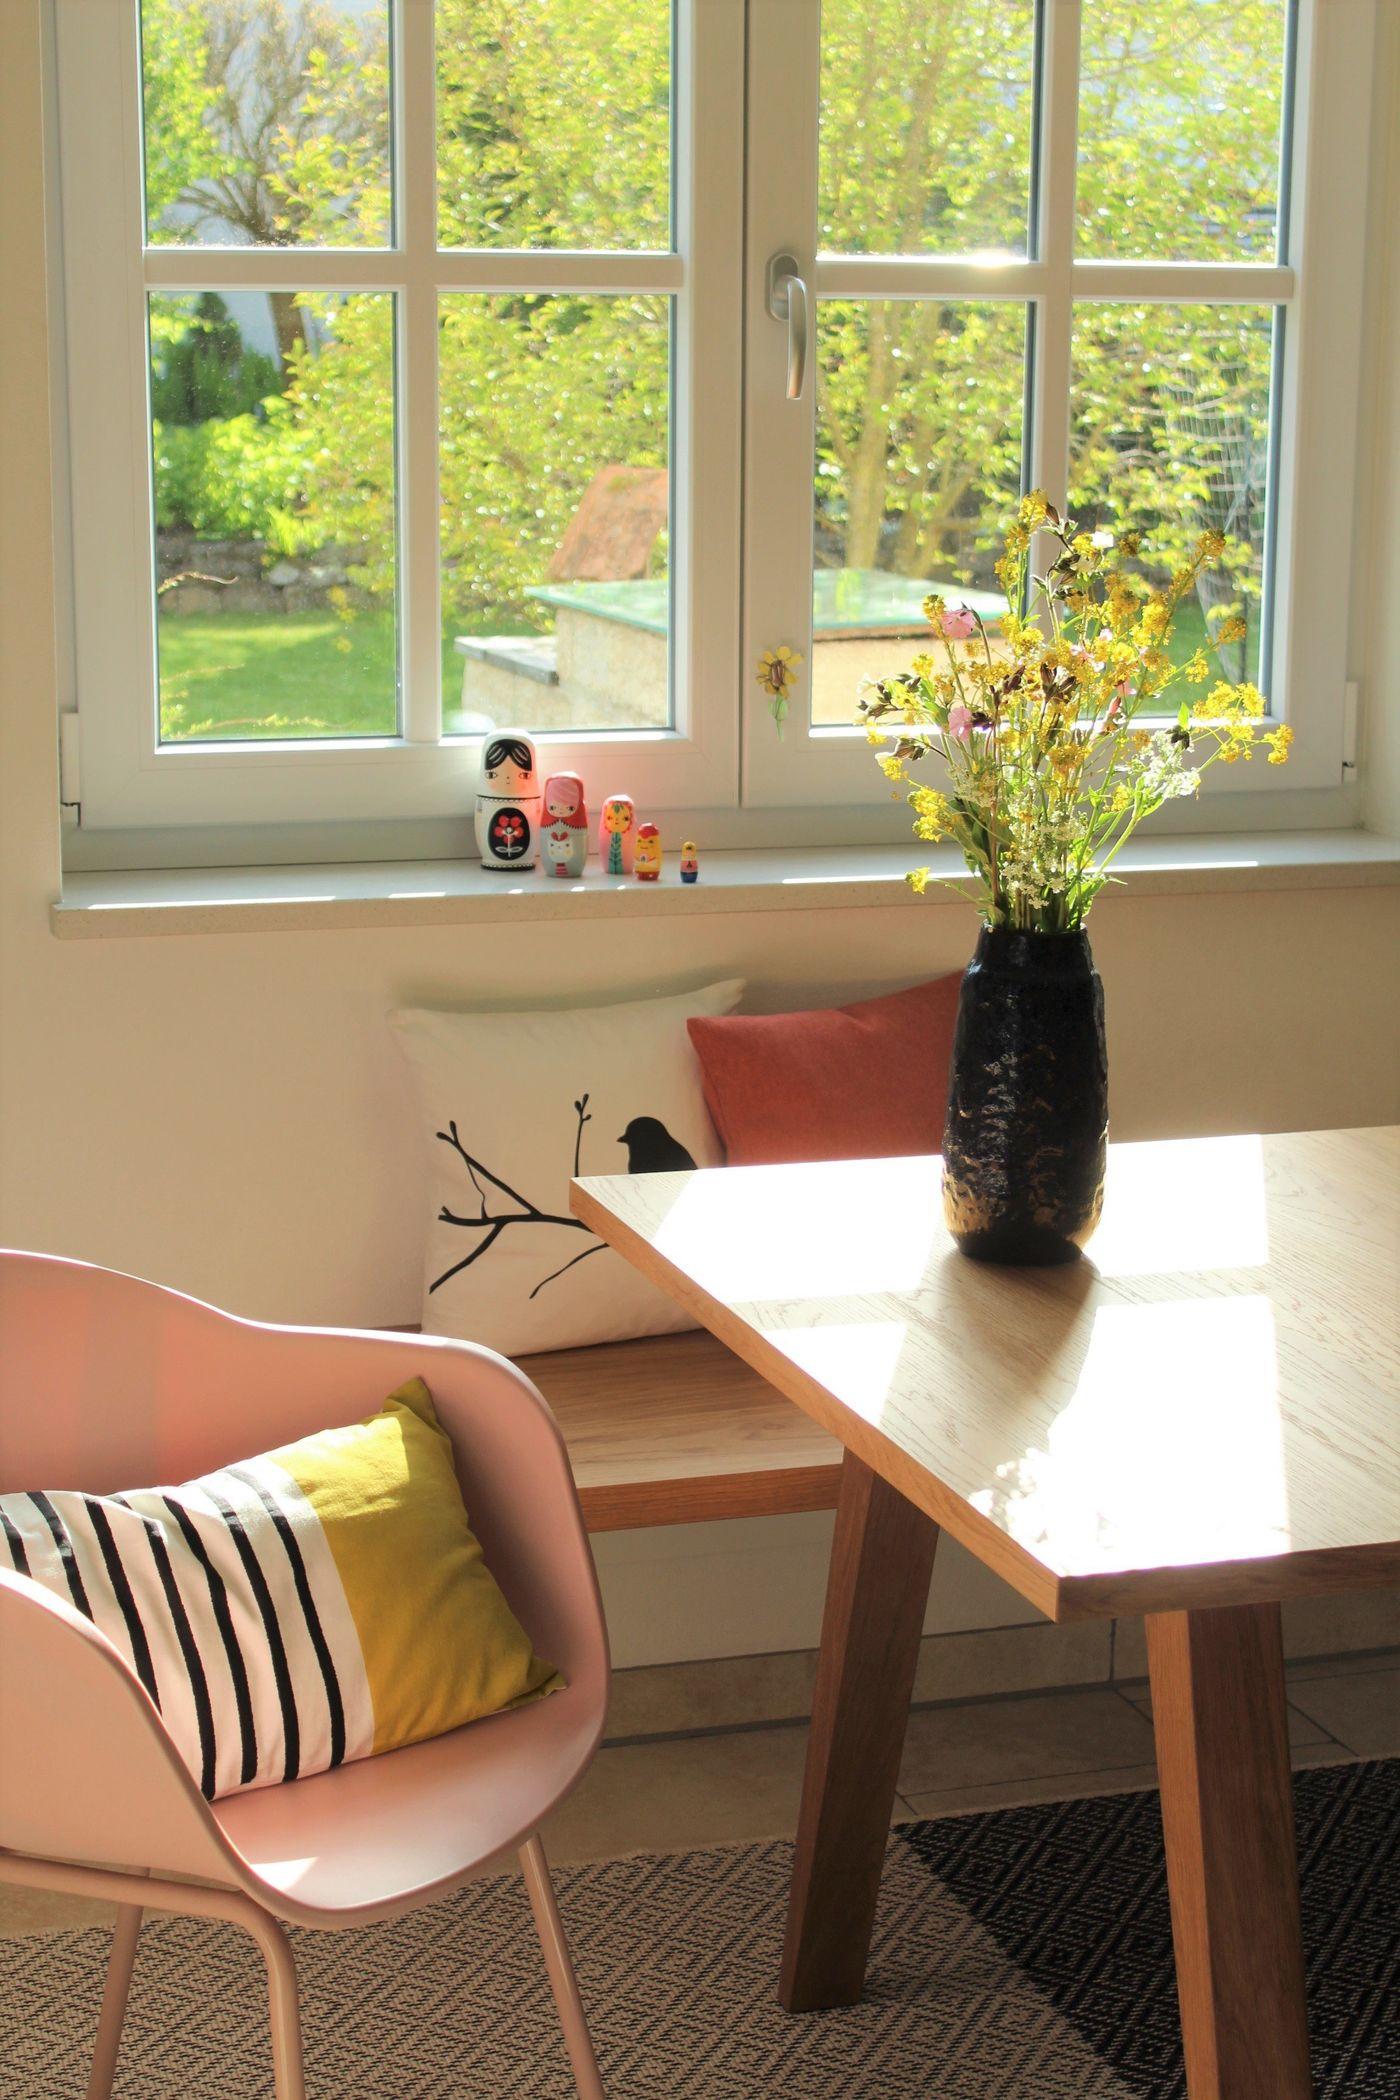 Full Size of Kchenbank Ideen Bilder Ikea Sofa Mit Schlaffunktion Küche Kosten Modulküche Miniküche Kaufen Betten Bei 160x200 Wohnzimmer Ikea Küchenbank